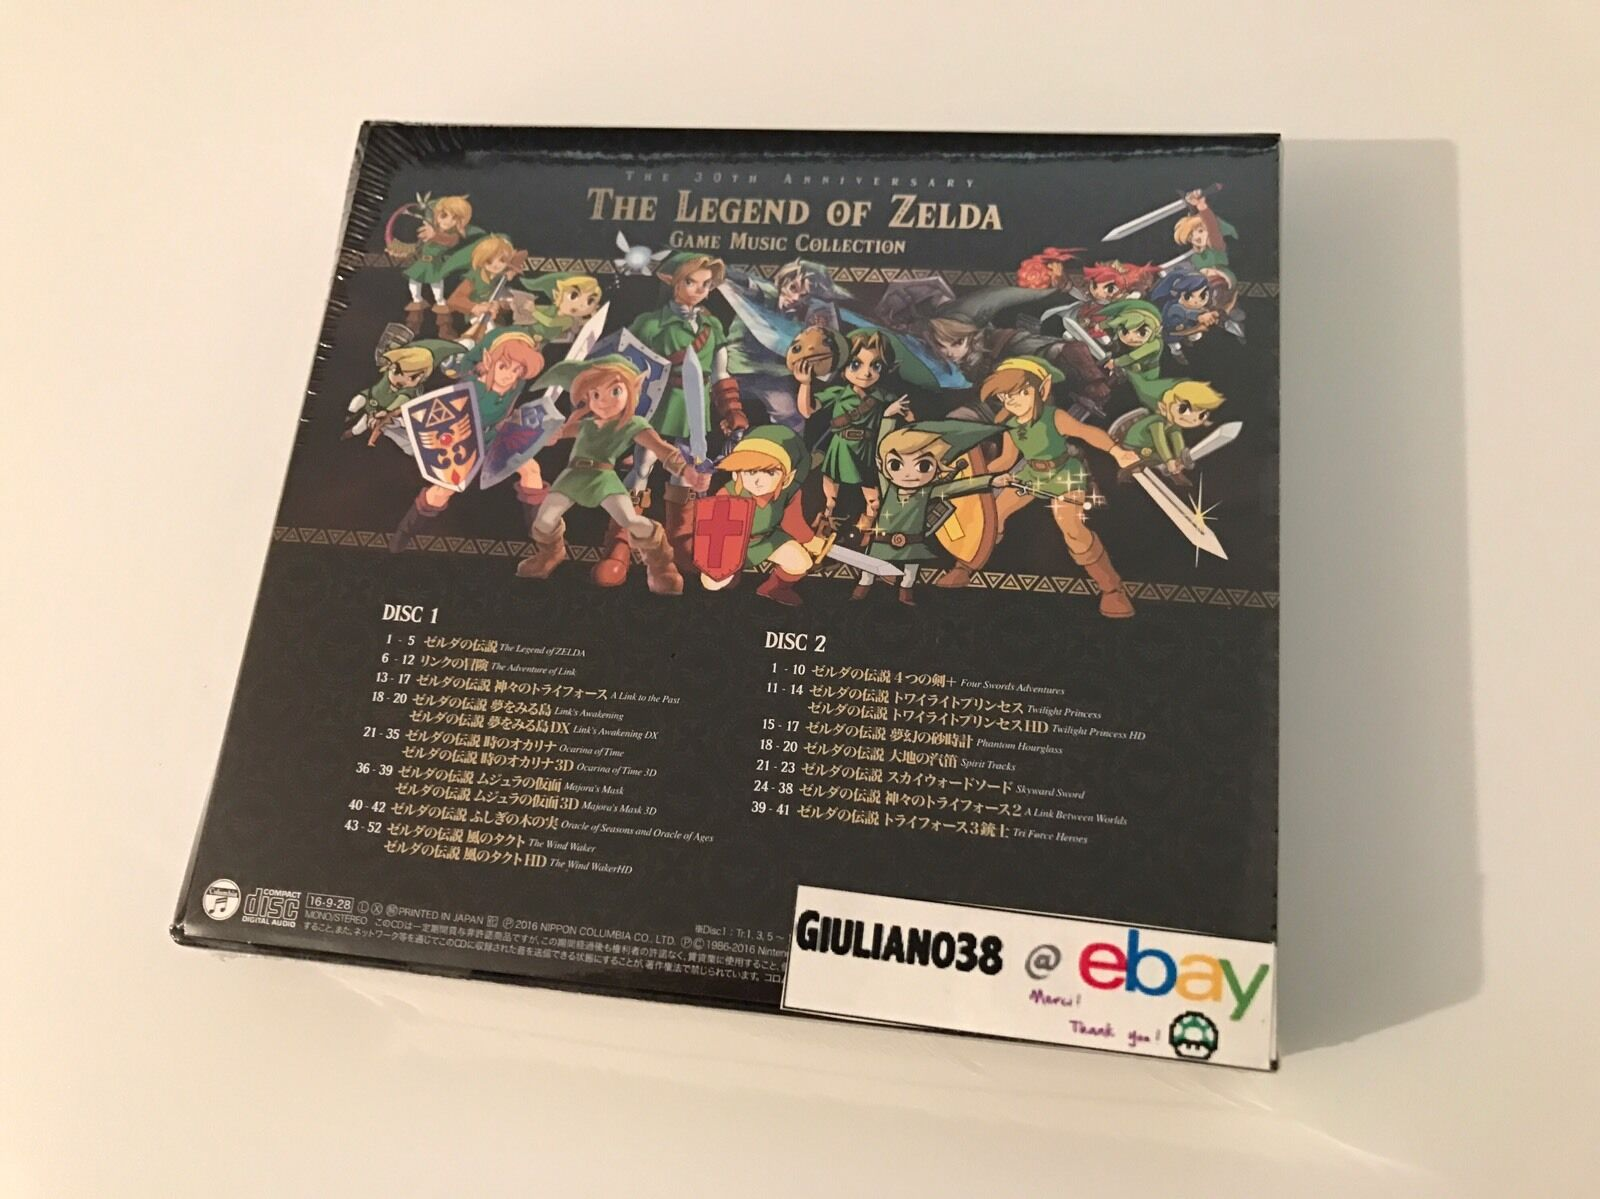 RARE OST ZELDA 30TH ANNIVERSARY GAME MUSIC COLLECTION COLLECTOR COLLECTOR COLLECTION + LITHOGRAPHIES cd8c0c